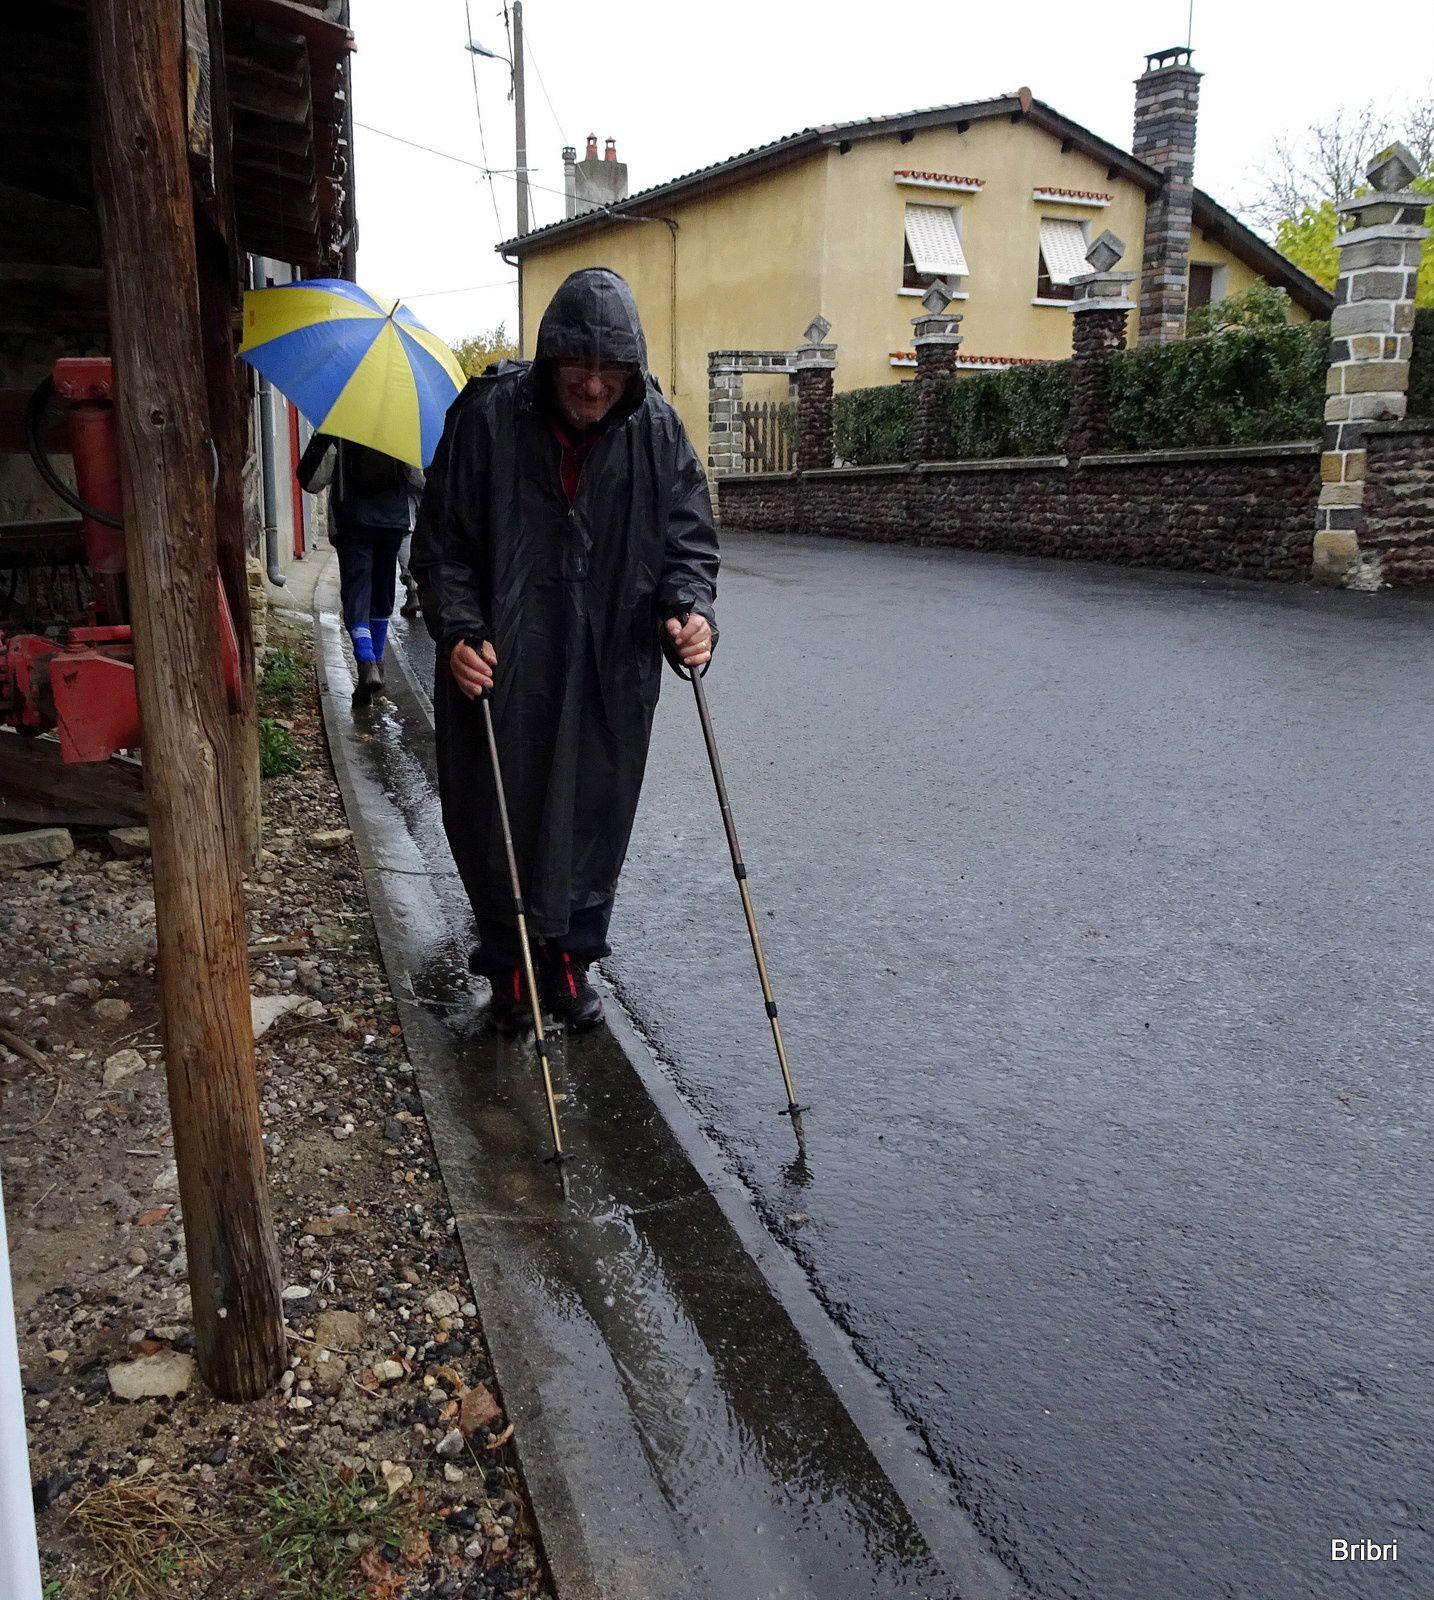 L'arrivée n'est pas loin, ouf! Denis marche à reculons pour nettoyer chaussures et bâtons dans les rigoles.